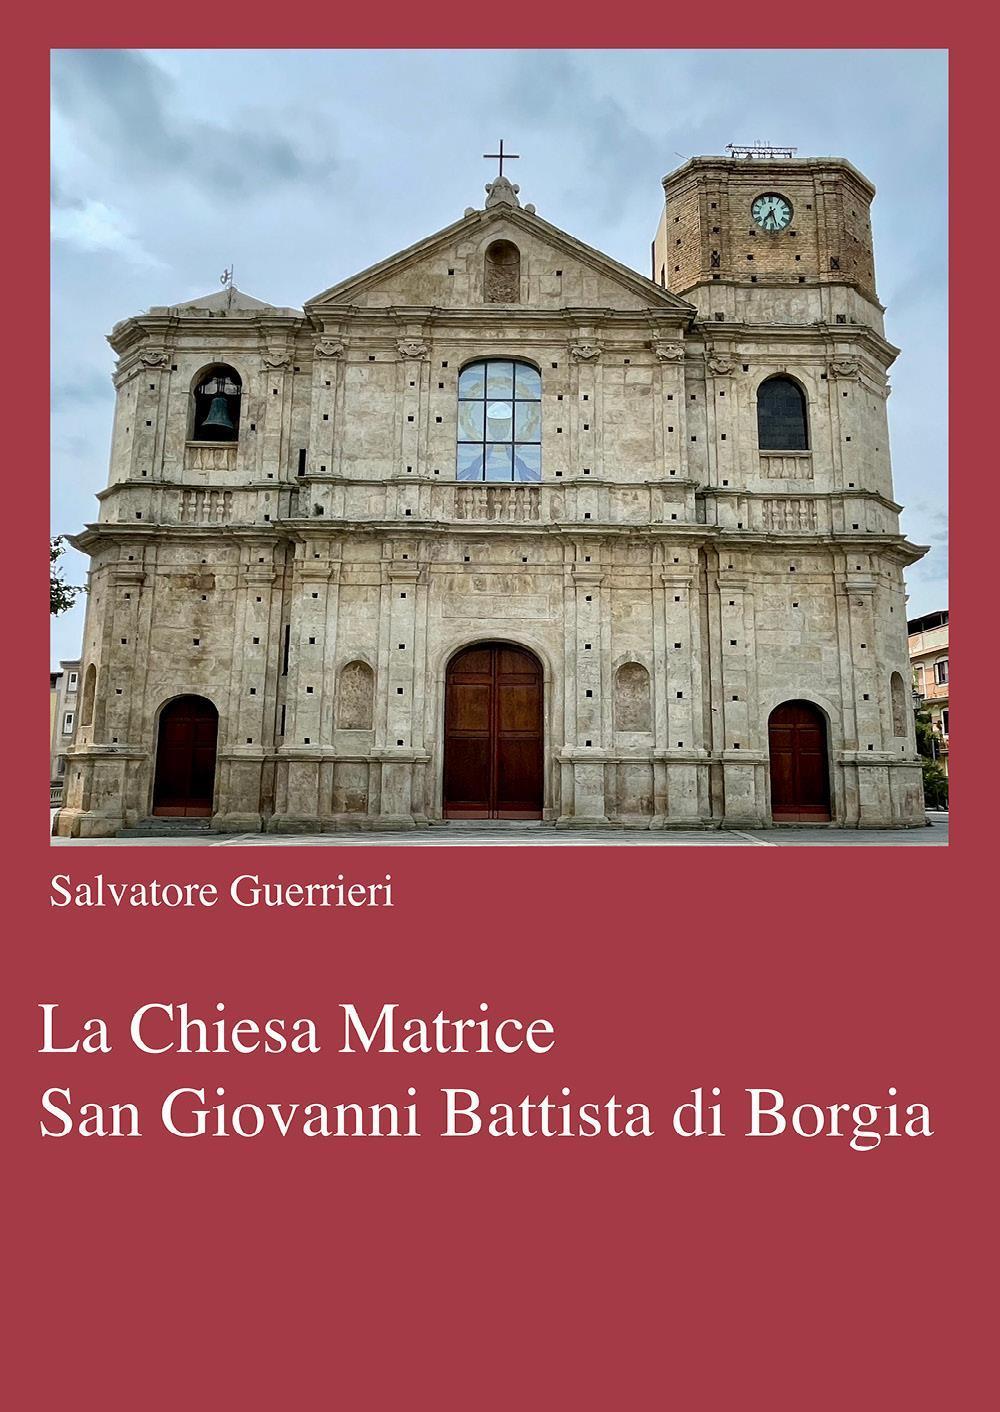 La Chiesa Matrice San Giovanni Battista di Borgia